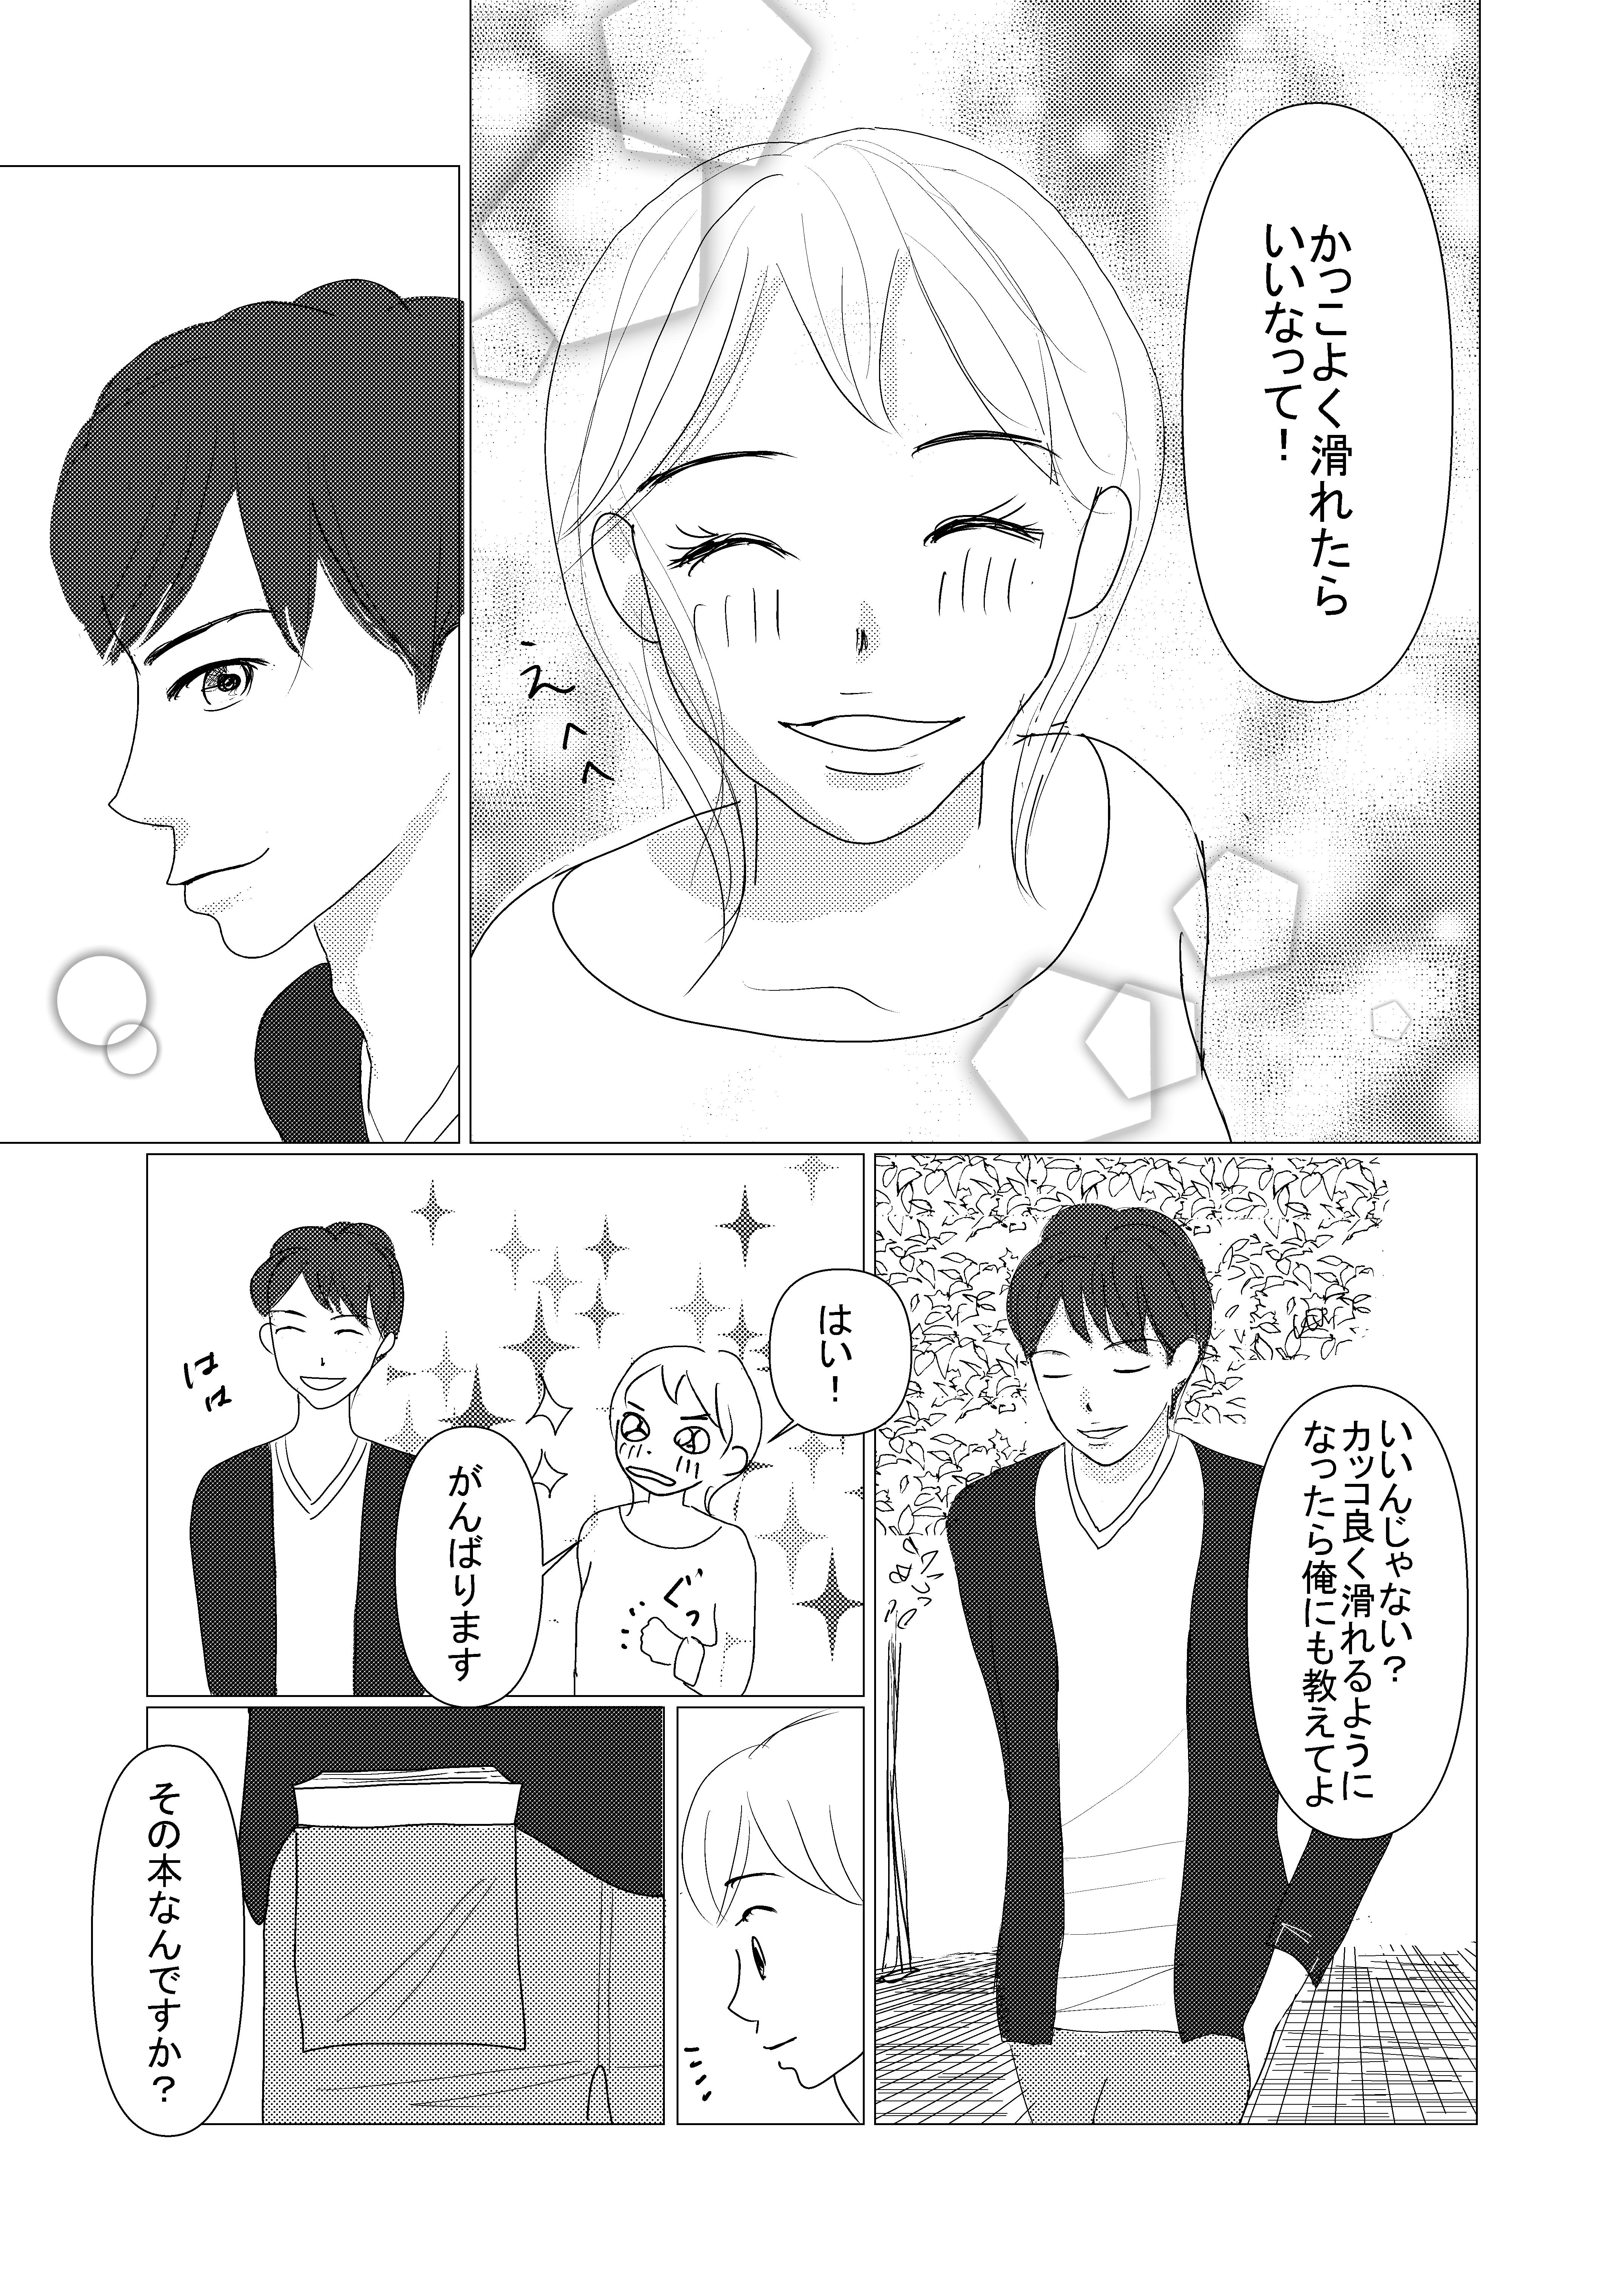 恋愛漫画/大学生/社会人/大学生で初めて付き合う/shoujyo manga/米加夢/35ページ